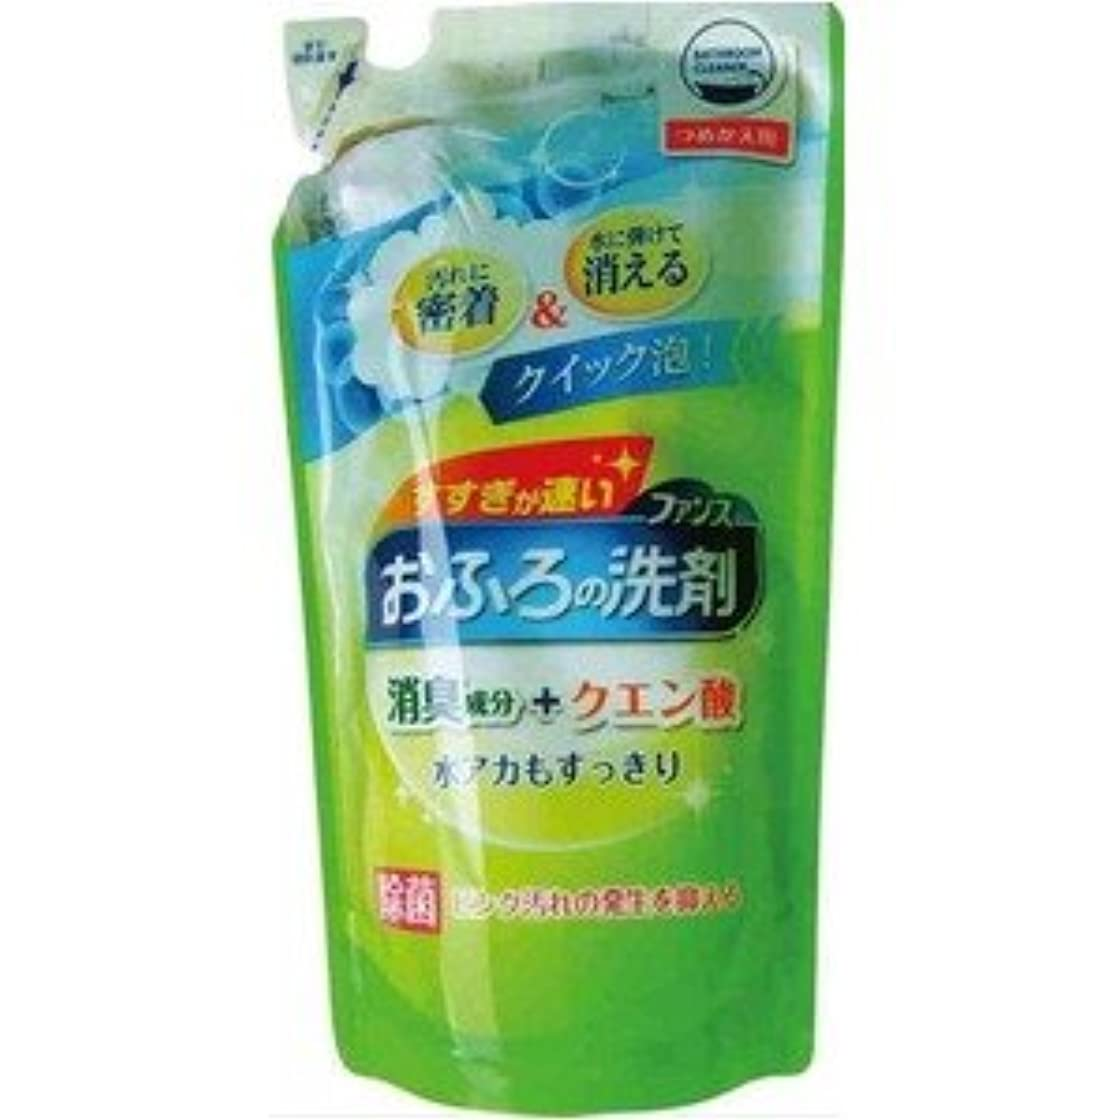 影響ネーピアランデブーファンス おふろの洗剤グリーンハーブ詰替用330ml 46-262 【200個セット】